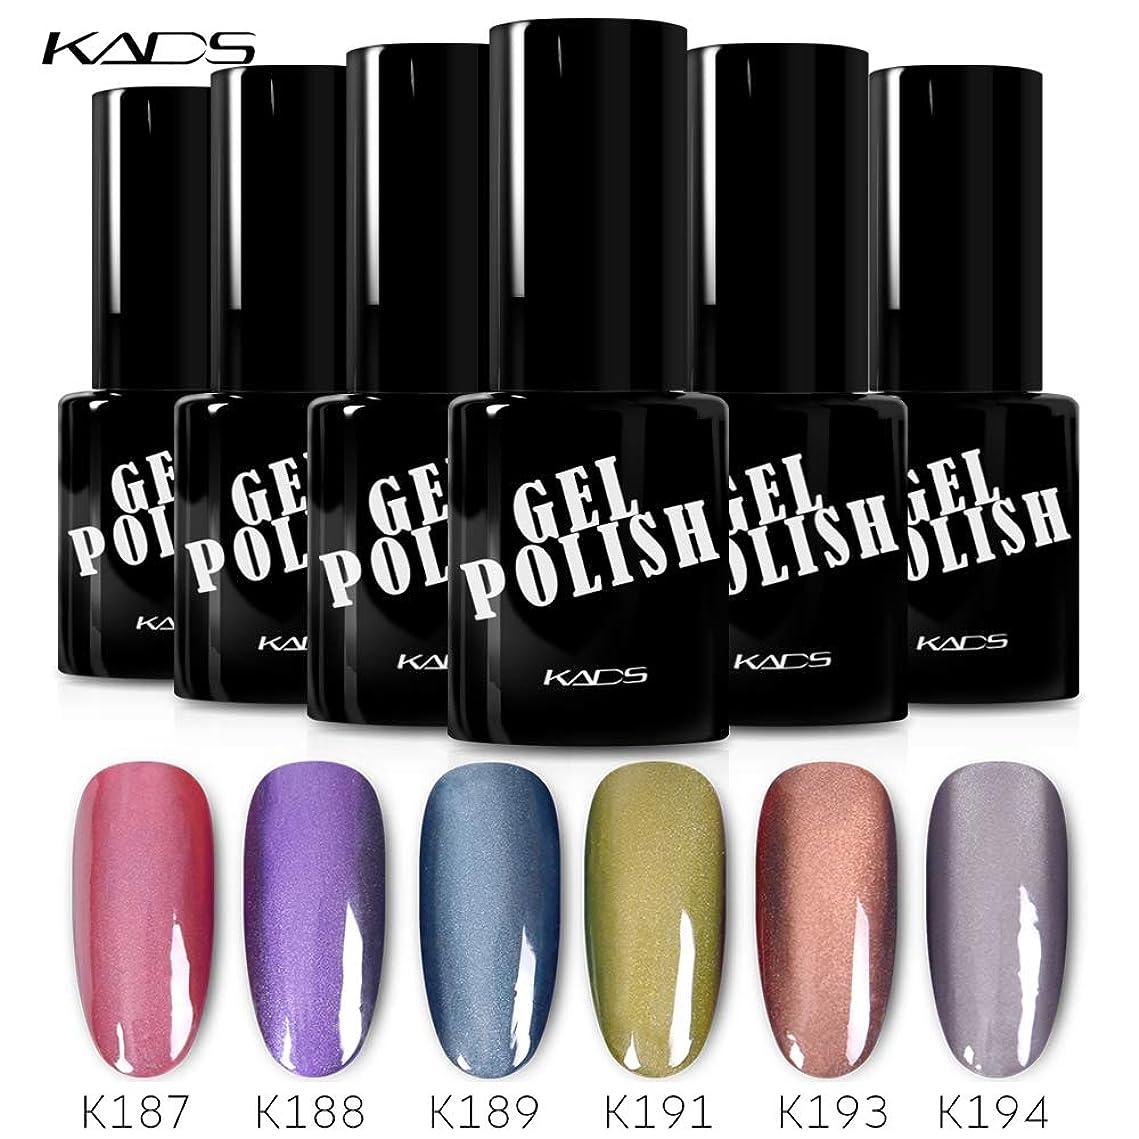 落胆したシャー泣くKADS カラージェル 6色入り キャッツアイジェルネイル グリーン/ピンク/グレー カラーポリッシュ UV/LED対応 艶長持ち